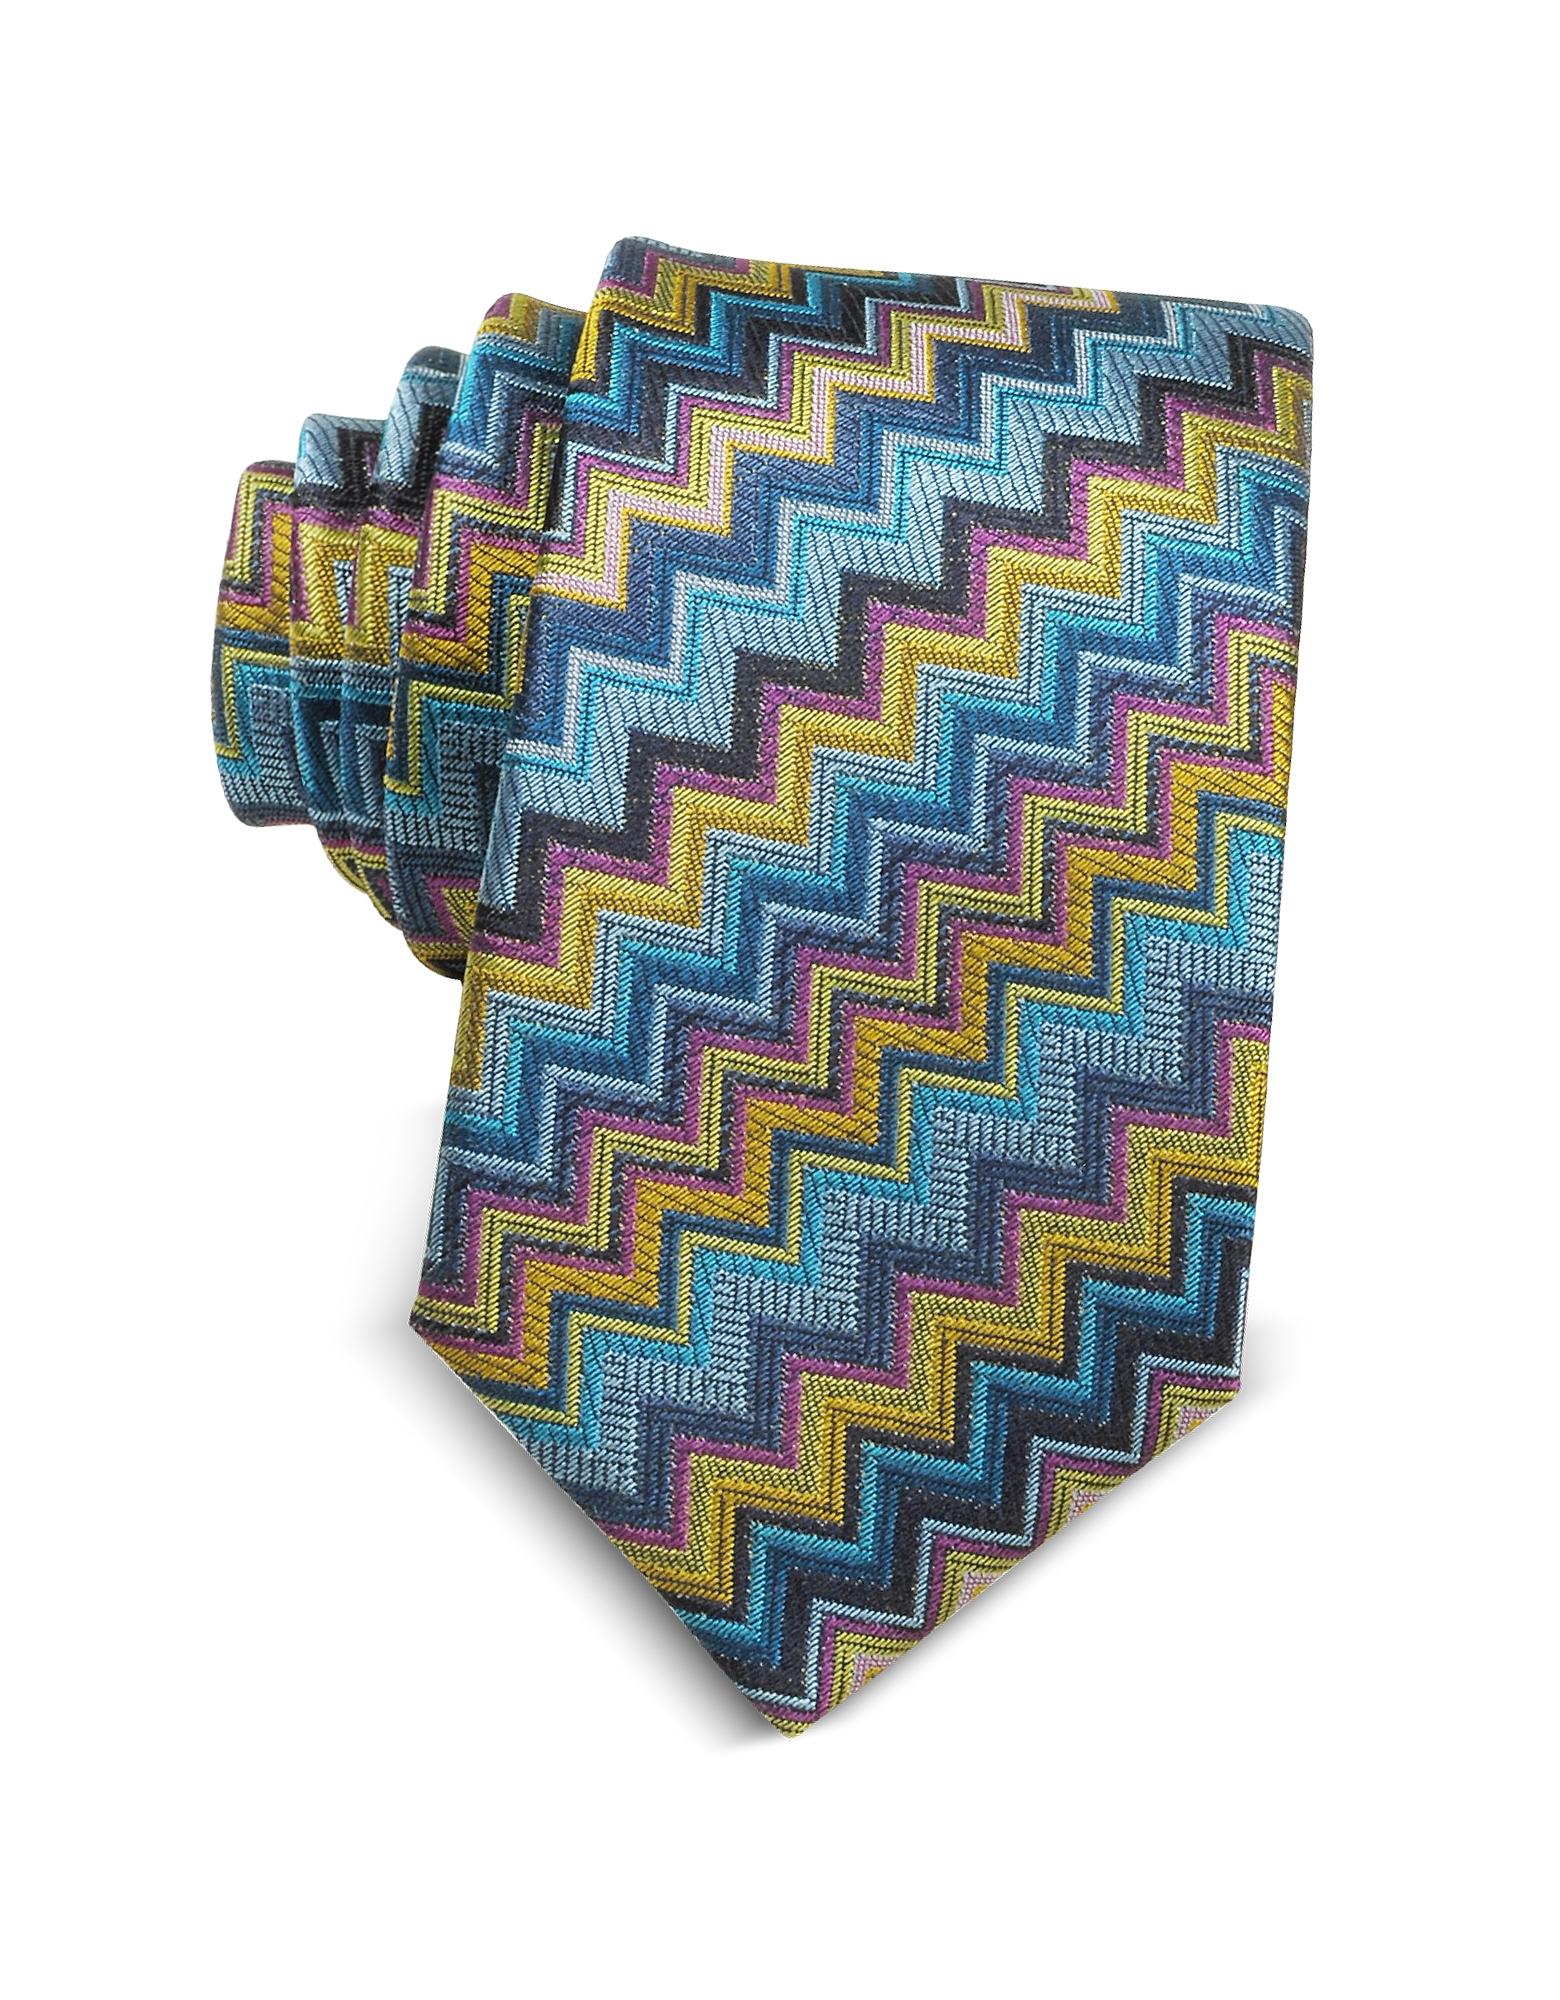 Узкий Галстук из Текстурного Шелка с Разноцветным Узором Зиг Заг